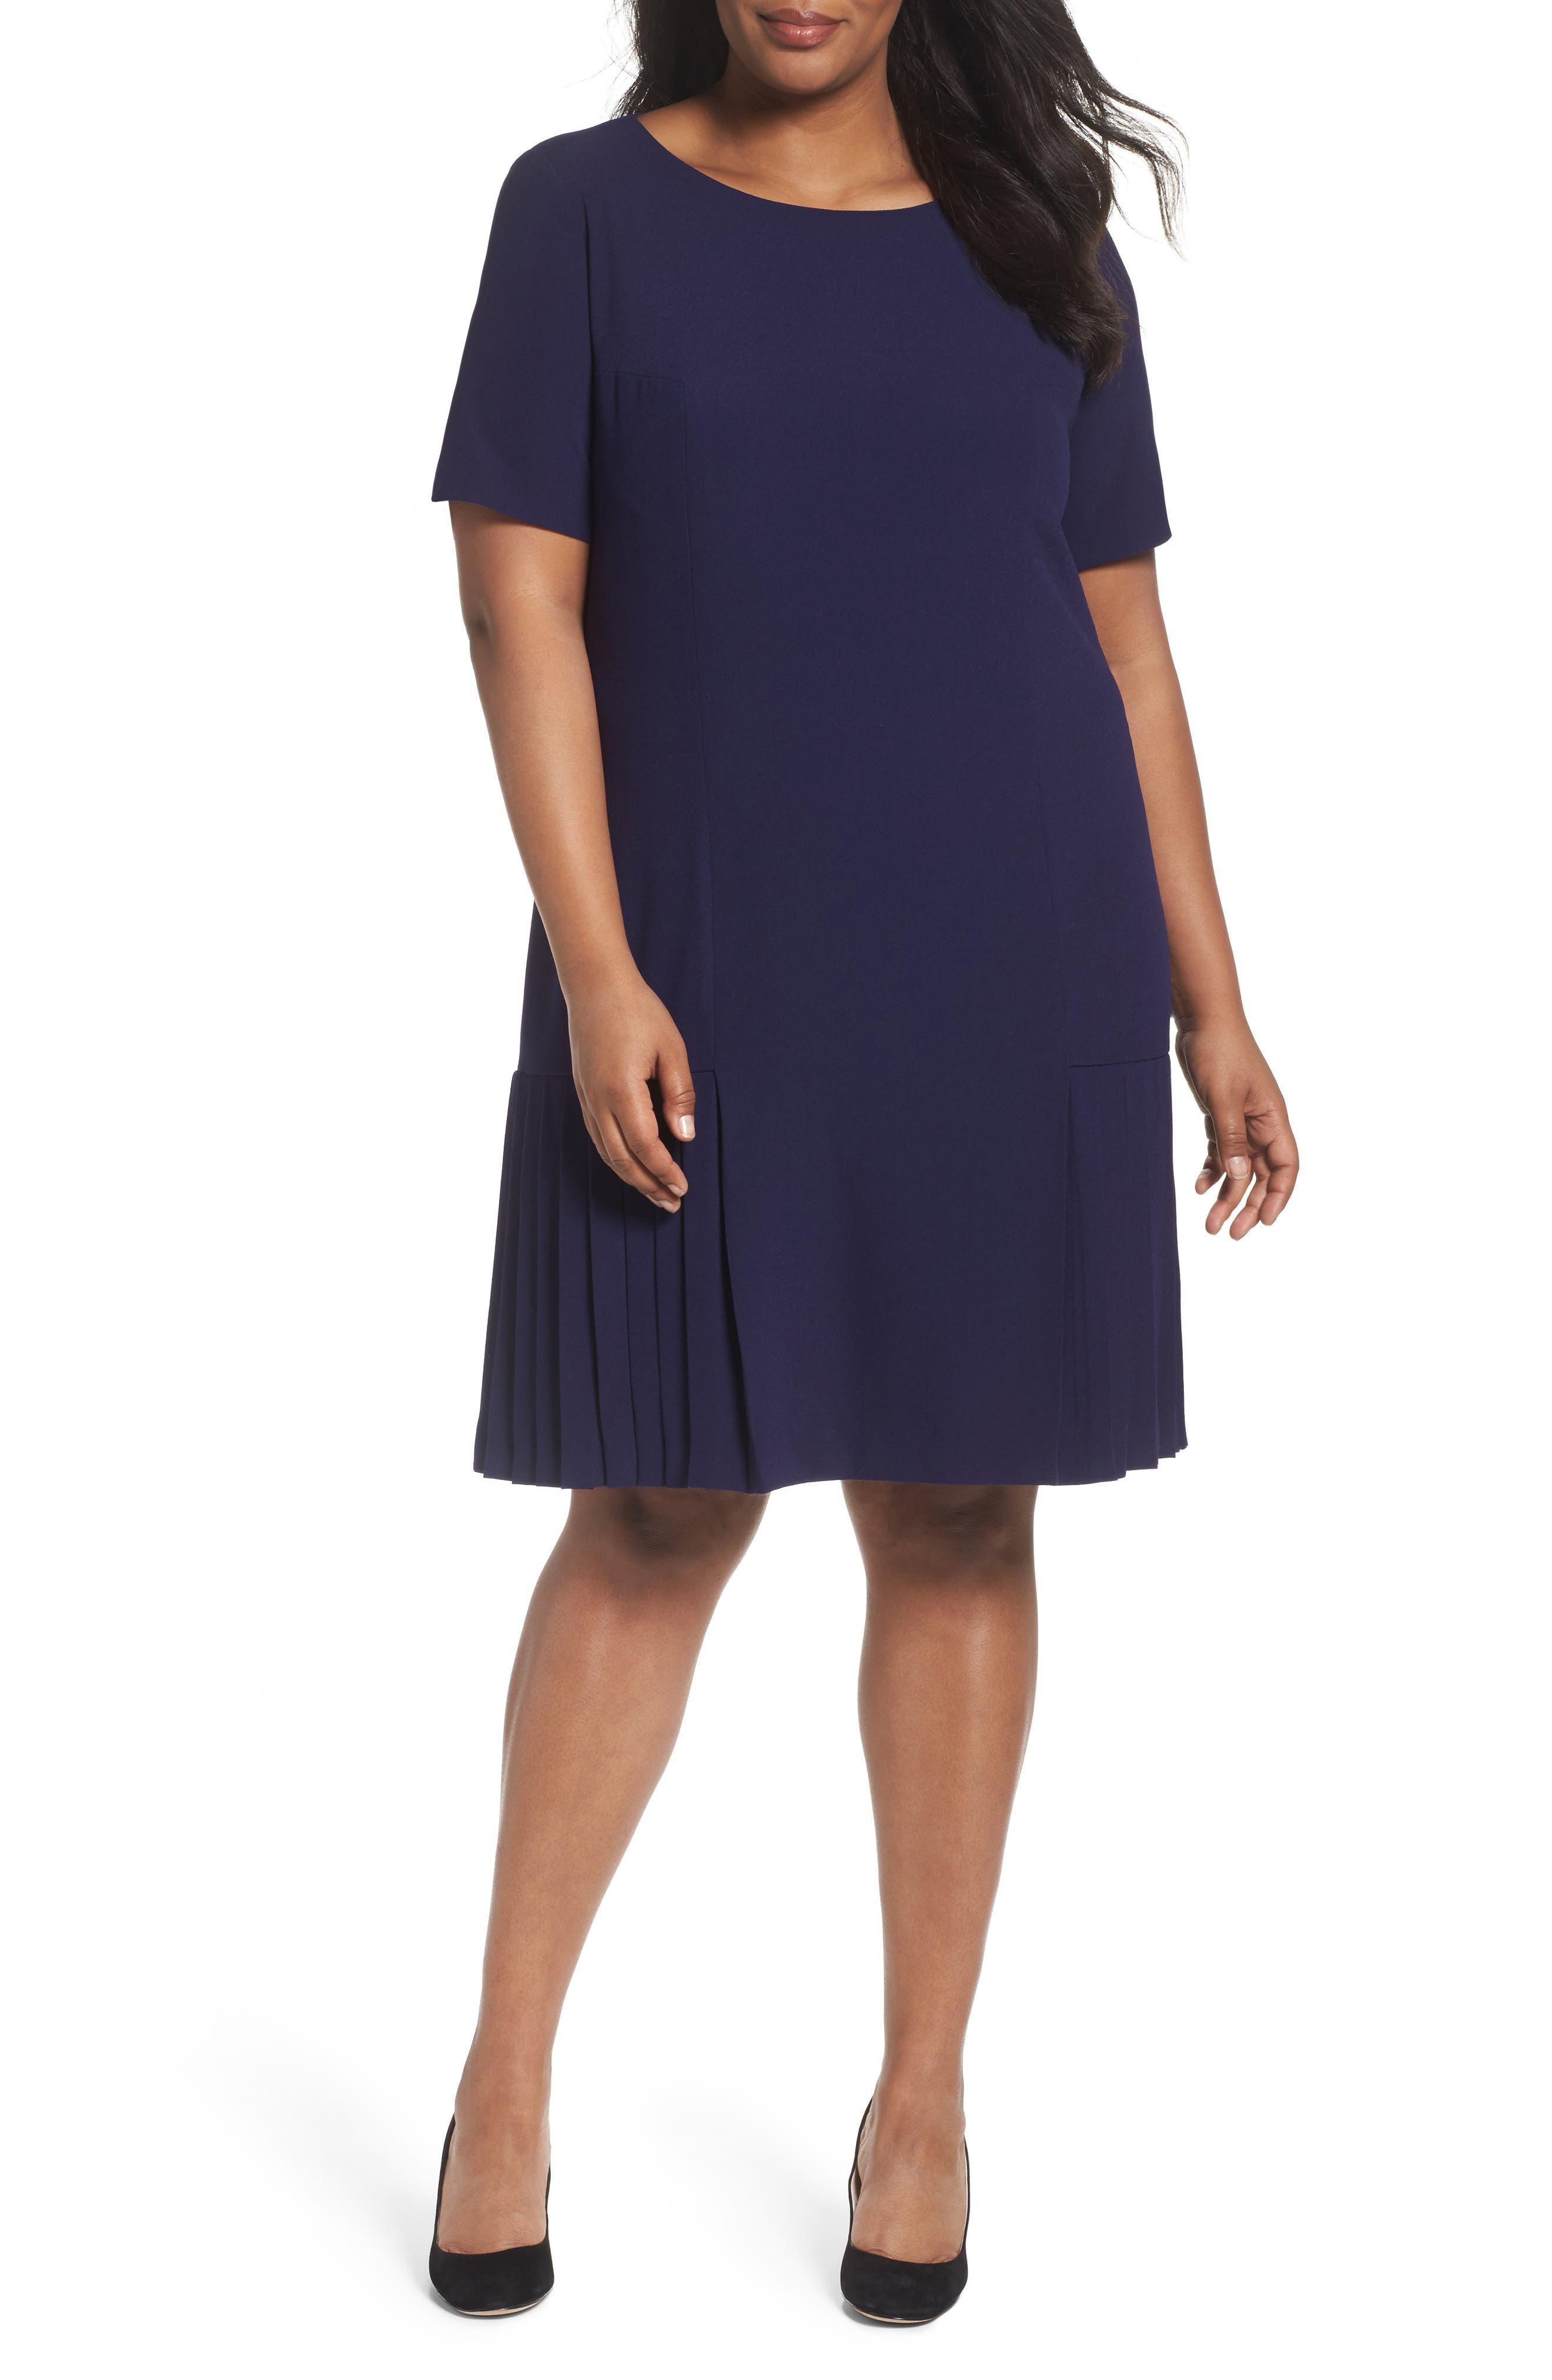 Nordstrom Plus Size Dresses Sale 111